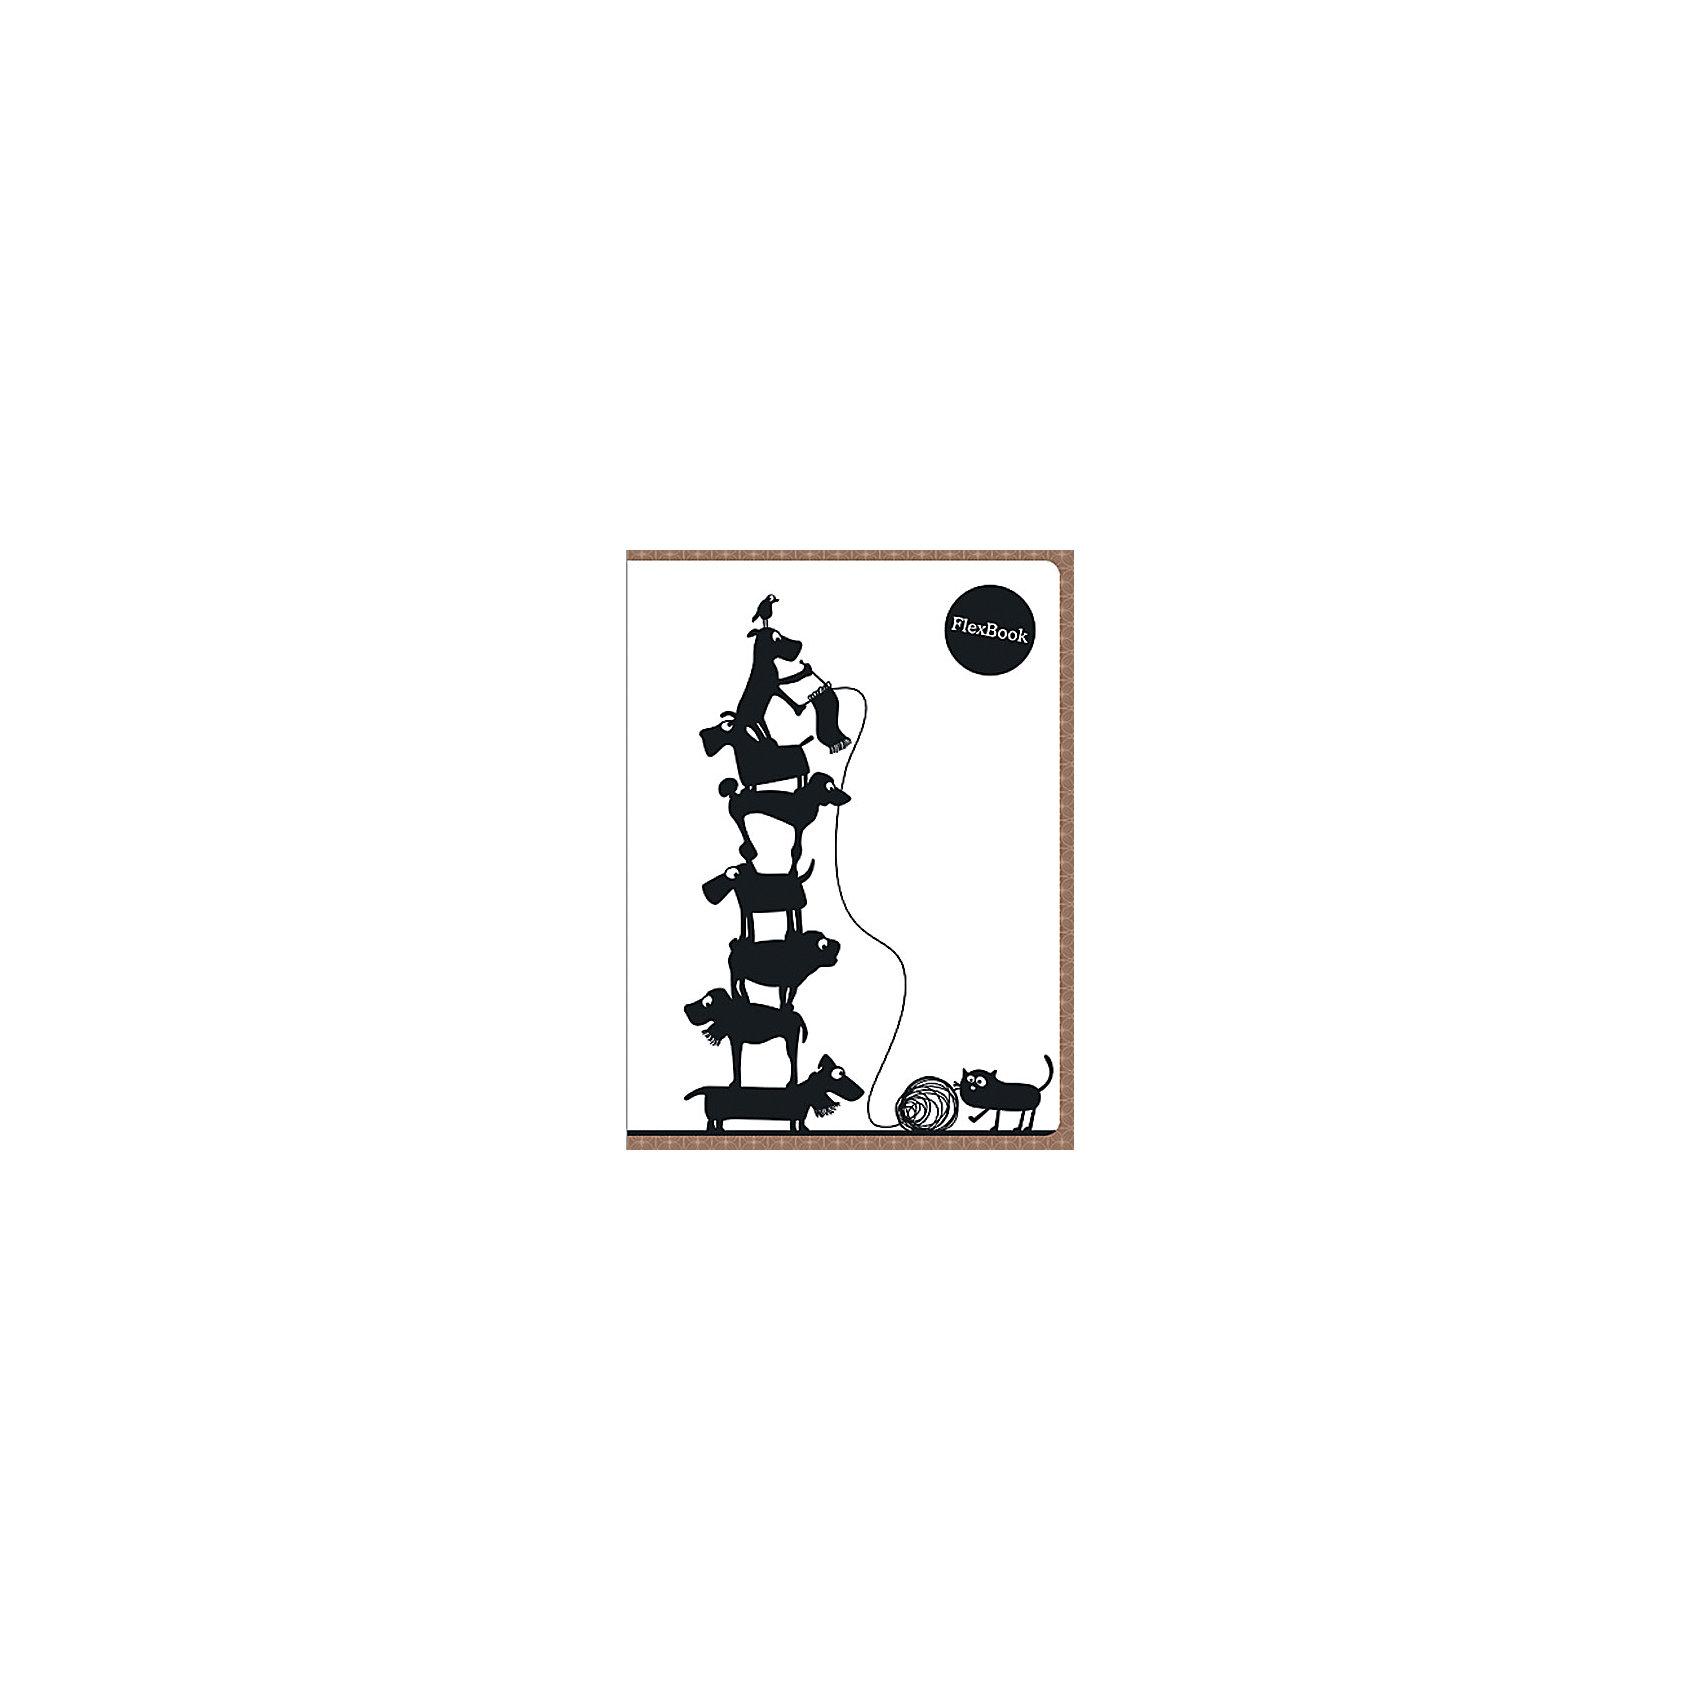 Бежевая тетрадь А5 Flex book 80 листовБумажная продукция<br>Бежевая тетрадь А5 Flex book 80 листов<br><br>Характеристики:<br><br>• Количество листов: 80<br>• Формат: А5<br>• Цвет: бежевая<br>• Вес: 184г<br>• Размер: 210х7х145мм<br><br>Тетрадь изготовлена по технологии Seihon: креплением тетради служит склейка с добавлением специального клея. Дополнительную прочность такого крепления гарантирует ПВХ корешок, который расположен вертикально на корешке каждой тетради.<br>Такое крепление позволяет тетради:<br>- разворачиваться на 360о<br>- сгибаться и складываться, не ломаясь<br>Такая тетрадь-трансформер будет удобной для всех. В такой тетради можно писать даже навесу. А еще – она будет великолепно подходить для левшей, так как ни спираль, ни скрепка не будут в этом случае мешать письму.<br>Мелованная обложка с полноцветной печатью и блок из белой бумаги плотностью 60г/м2. Тетрадь упакована в полиэтиленовый пакет.<br><br>Ширина мм: 210<br>Глубина мм: 7<br>Высота мм: 145<br>Вес г: 184<br>Возраст от месяцев: 84<br>Возраст до месяцев: 360<br>Пол: Унисекс<br>Возраст: Детский<br>SKU: 5390357